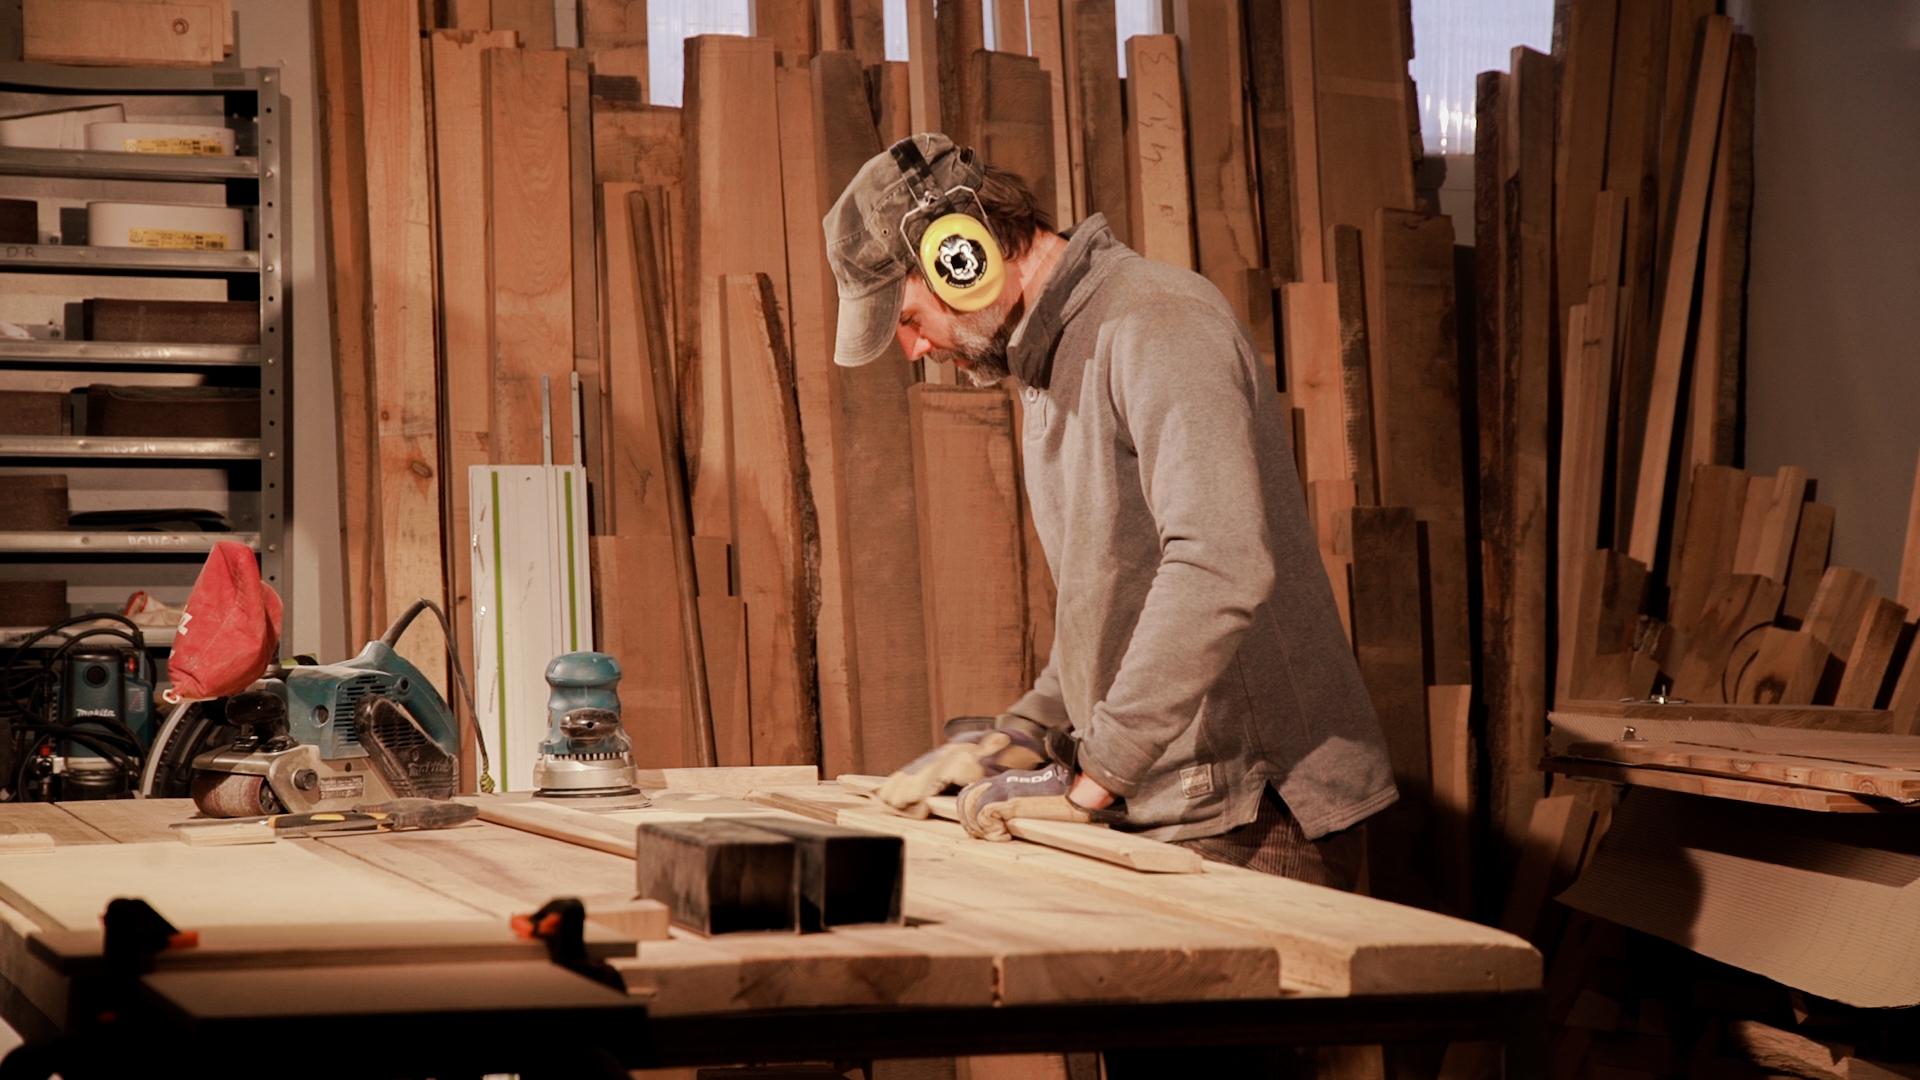 Holzwerkstatt von Maciej - In Budzyń, Polen liegt Macieks Produktion. Er arbeitet dort auf 100 Quadratmetern, mit einem Angestellten Leciek. Leciek ist Schreinermeister und mittlerweile Hauptverantwortlicher für den Bau unserer Möbel. Maciek kümmert sich vom Holzeinkauf bis zum fertigen Produkt um alles, was die Kommunikation für uns sehr erleichtert. Eingespielte Abläufe und klare Verantwortungsbereiche ermöglichen eine reibungslose Zusammenarbeit.